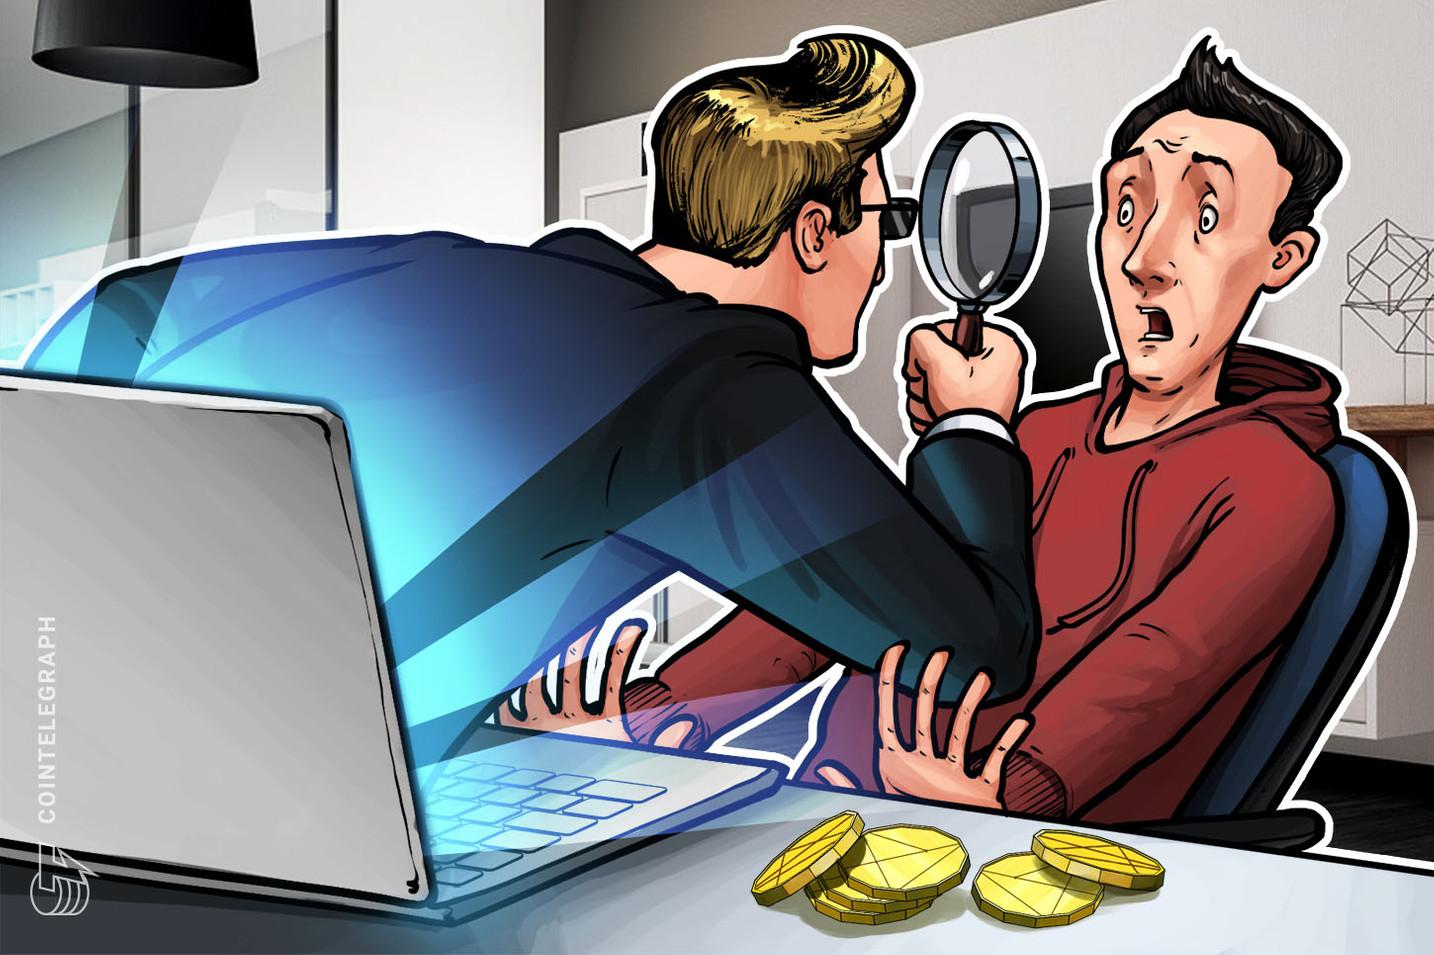 كوريا الجنوبية تصدر قانونًا لإدخال نظام تصاريح بورصات العملات المشفرة